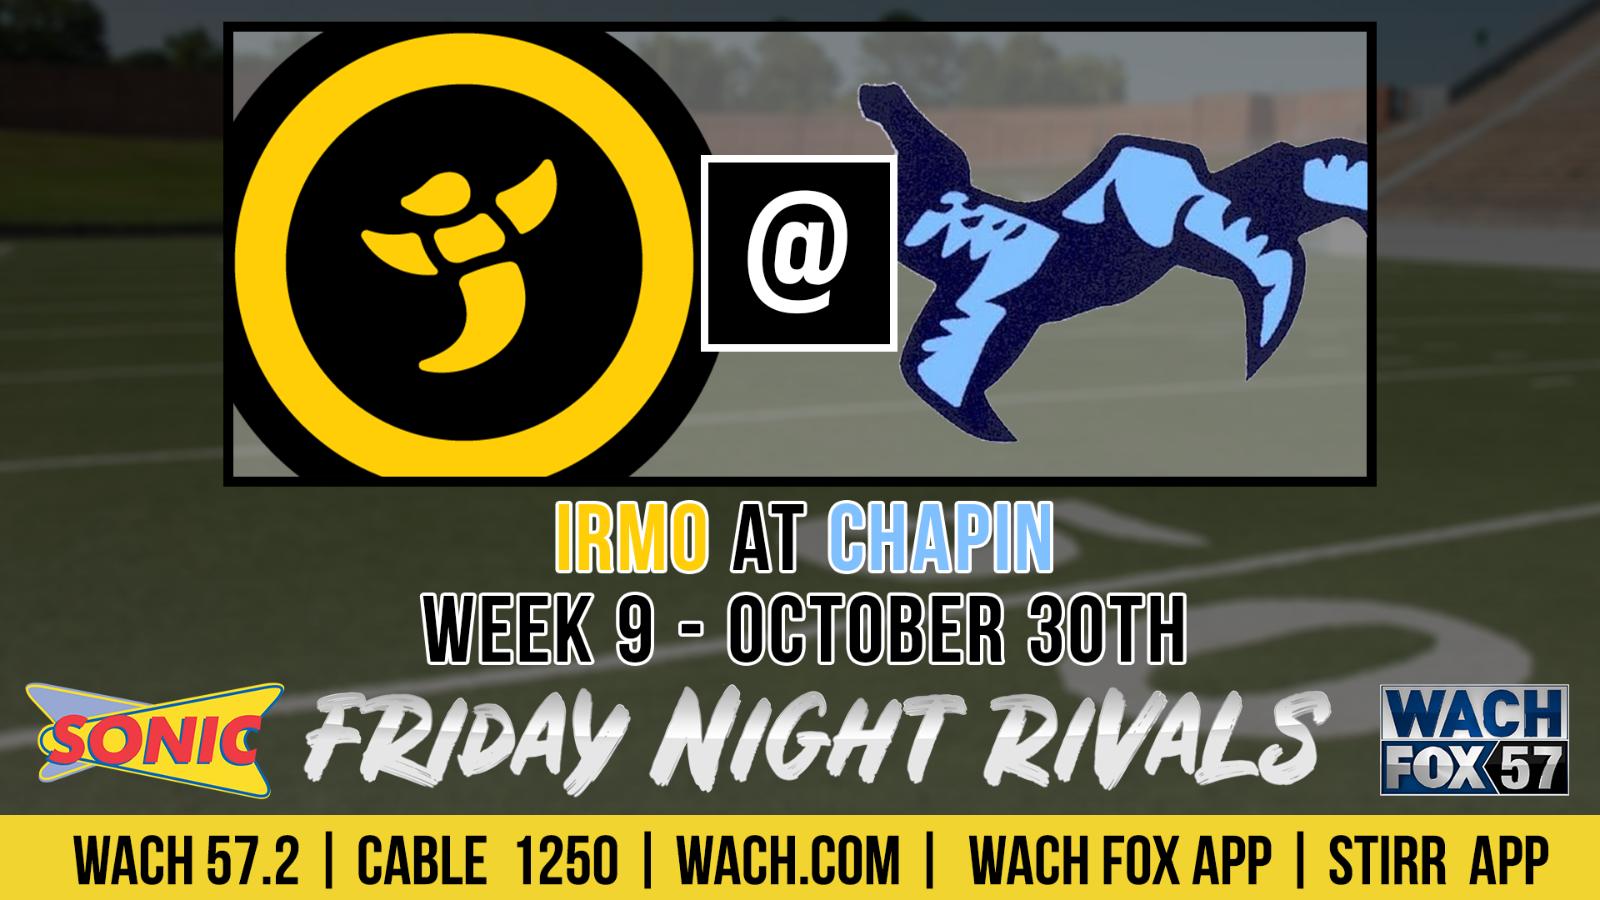 Friday Night Rivals!!